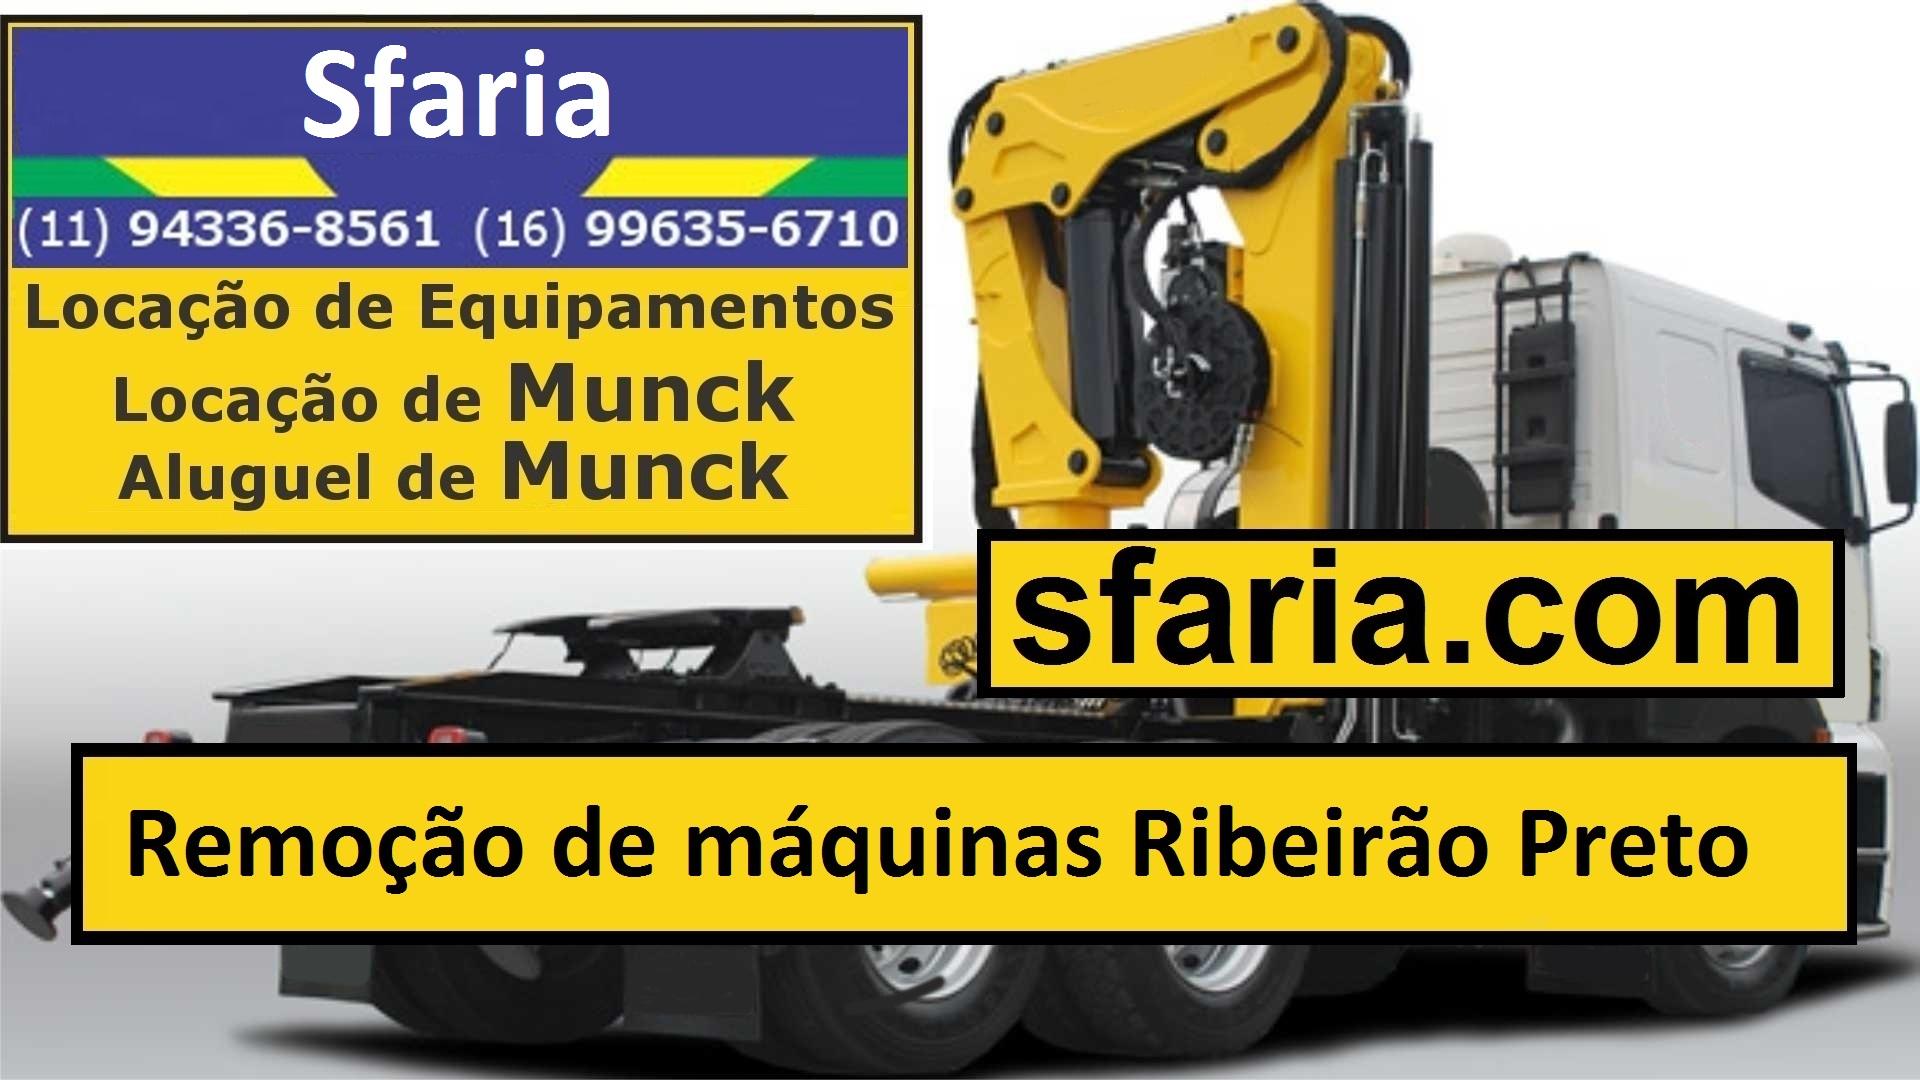 Serviços de munck Ribeirão Preto